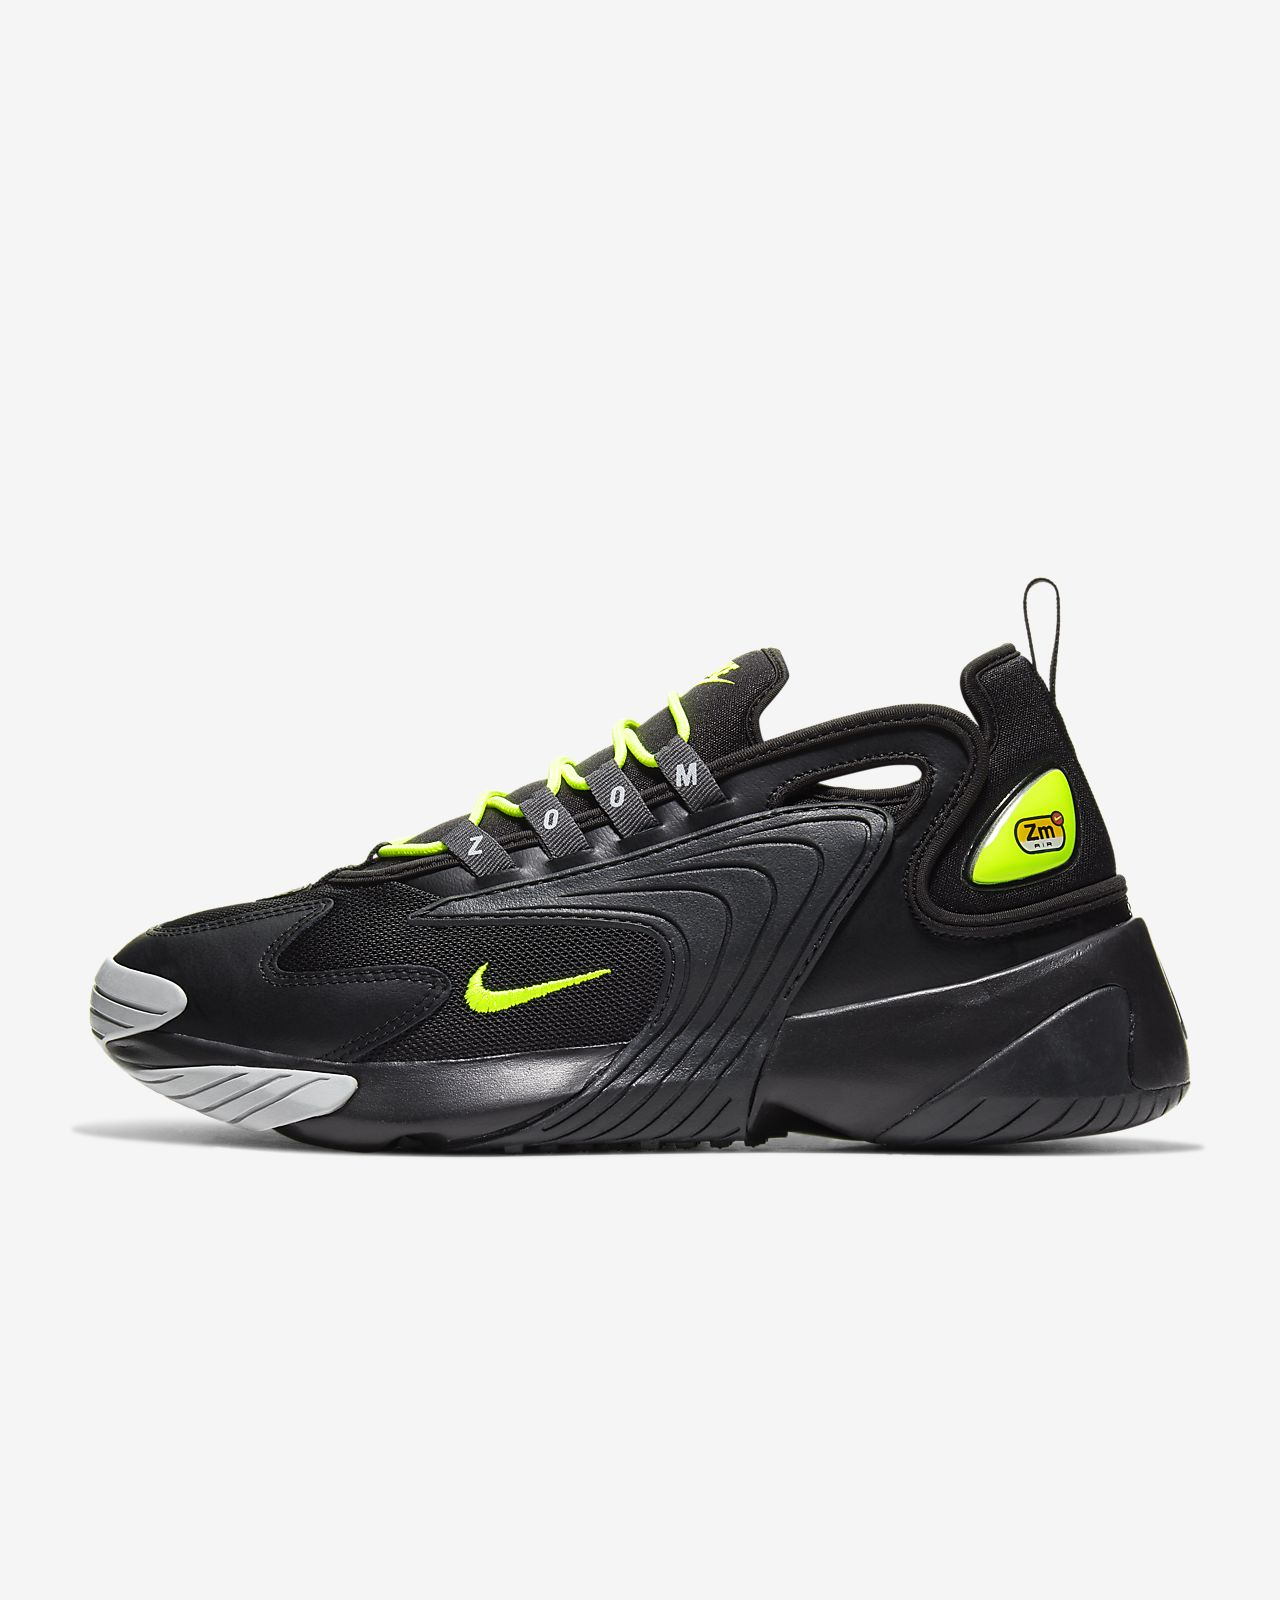 Black Sko Speed Herre Volt 4 Sneakers Trænings Nike Train